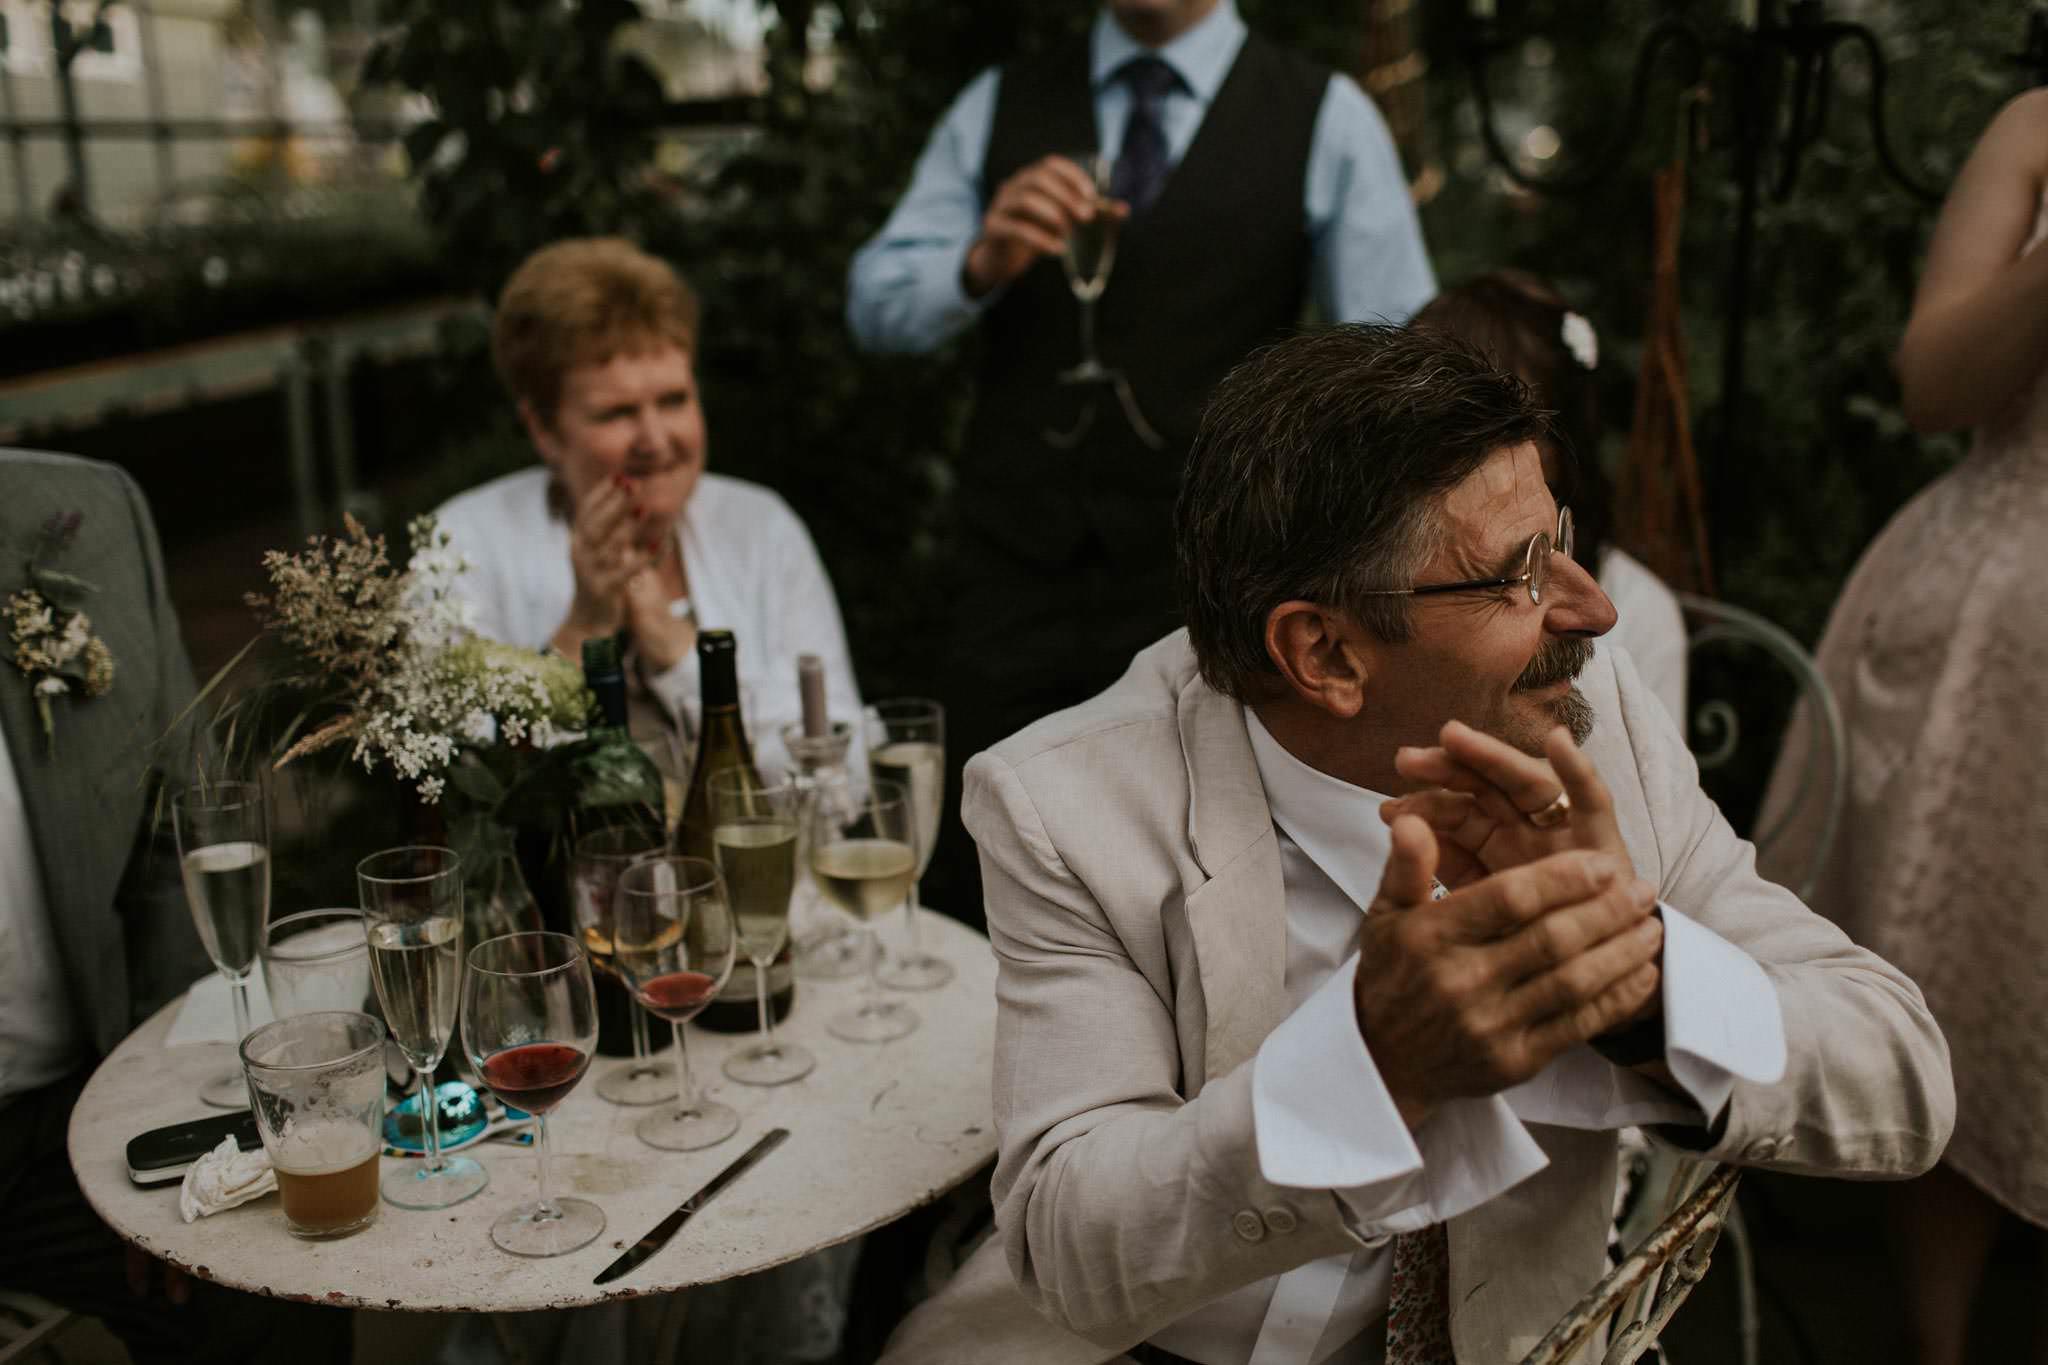 secret-herb-garden-edinburgh-vegan-wedding-120